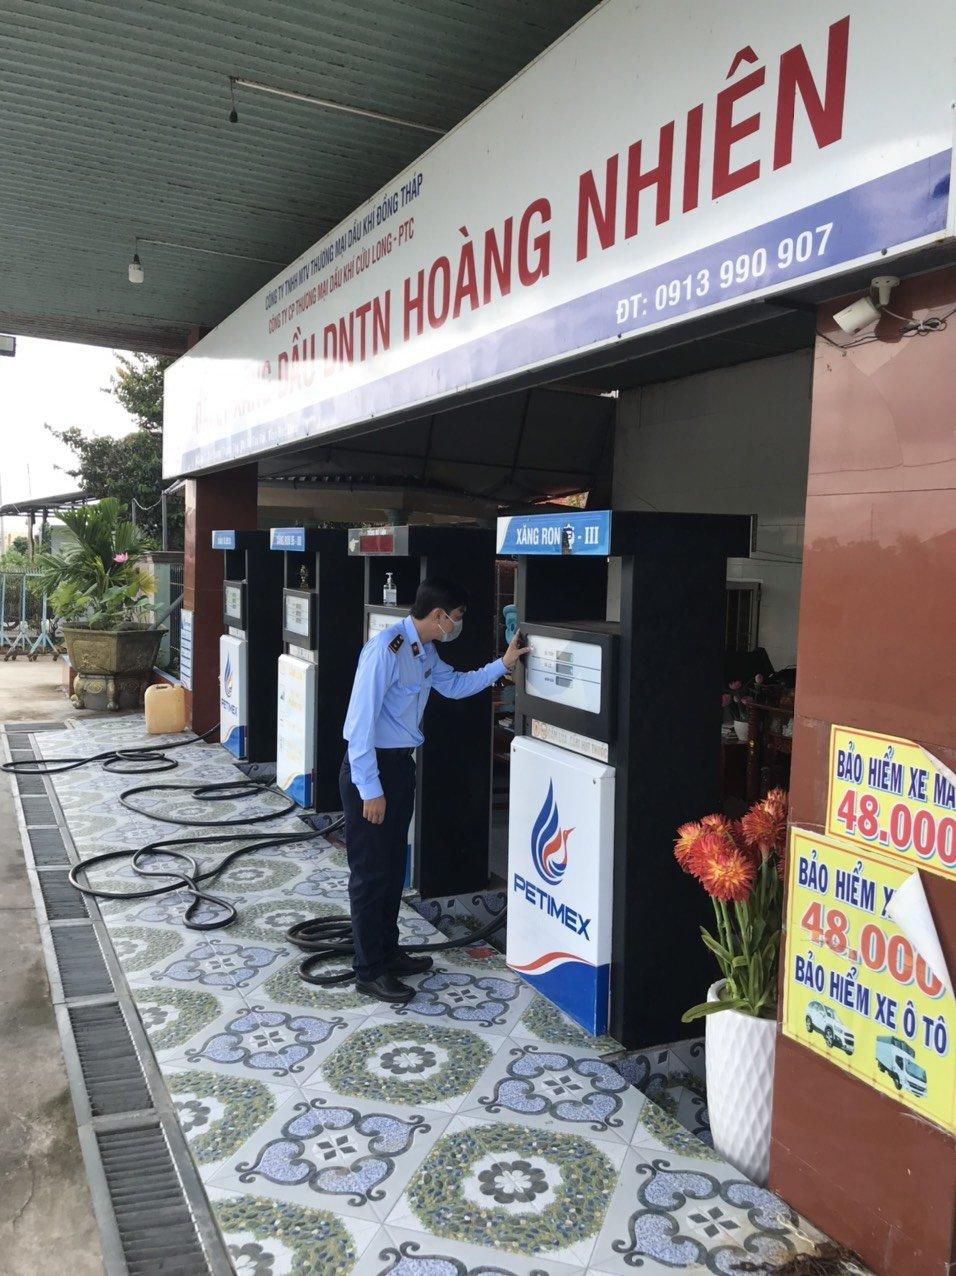 Đội QLTT số 3 thuộc Cục QLTT Bạc Liêu: Kiểm tra và xử lý doanh nghiệp kinh doanh xăng dầu khi giấy phép kinh doanh xăng dầu đã hết hiệu lực.